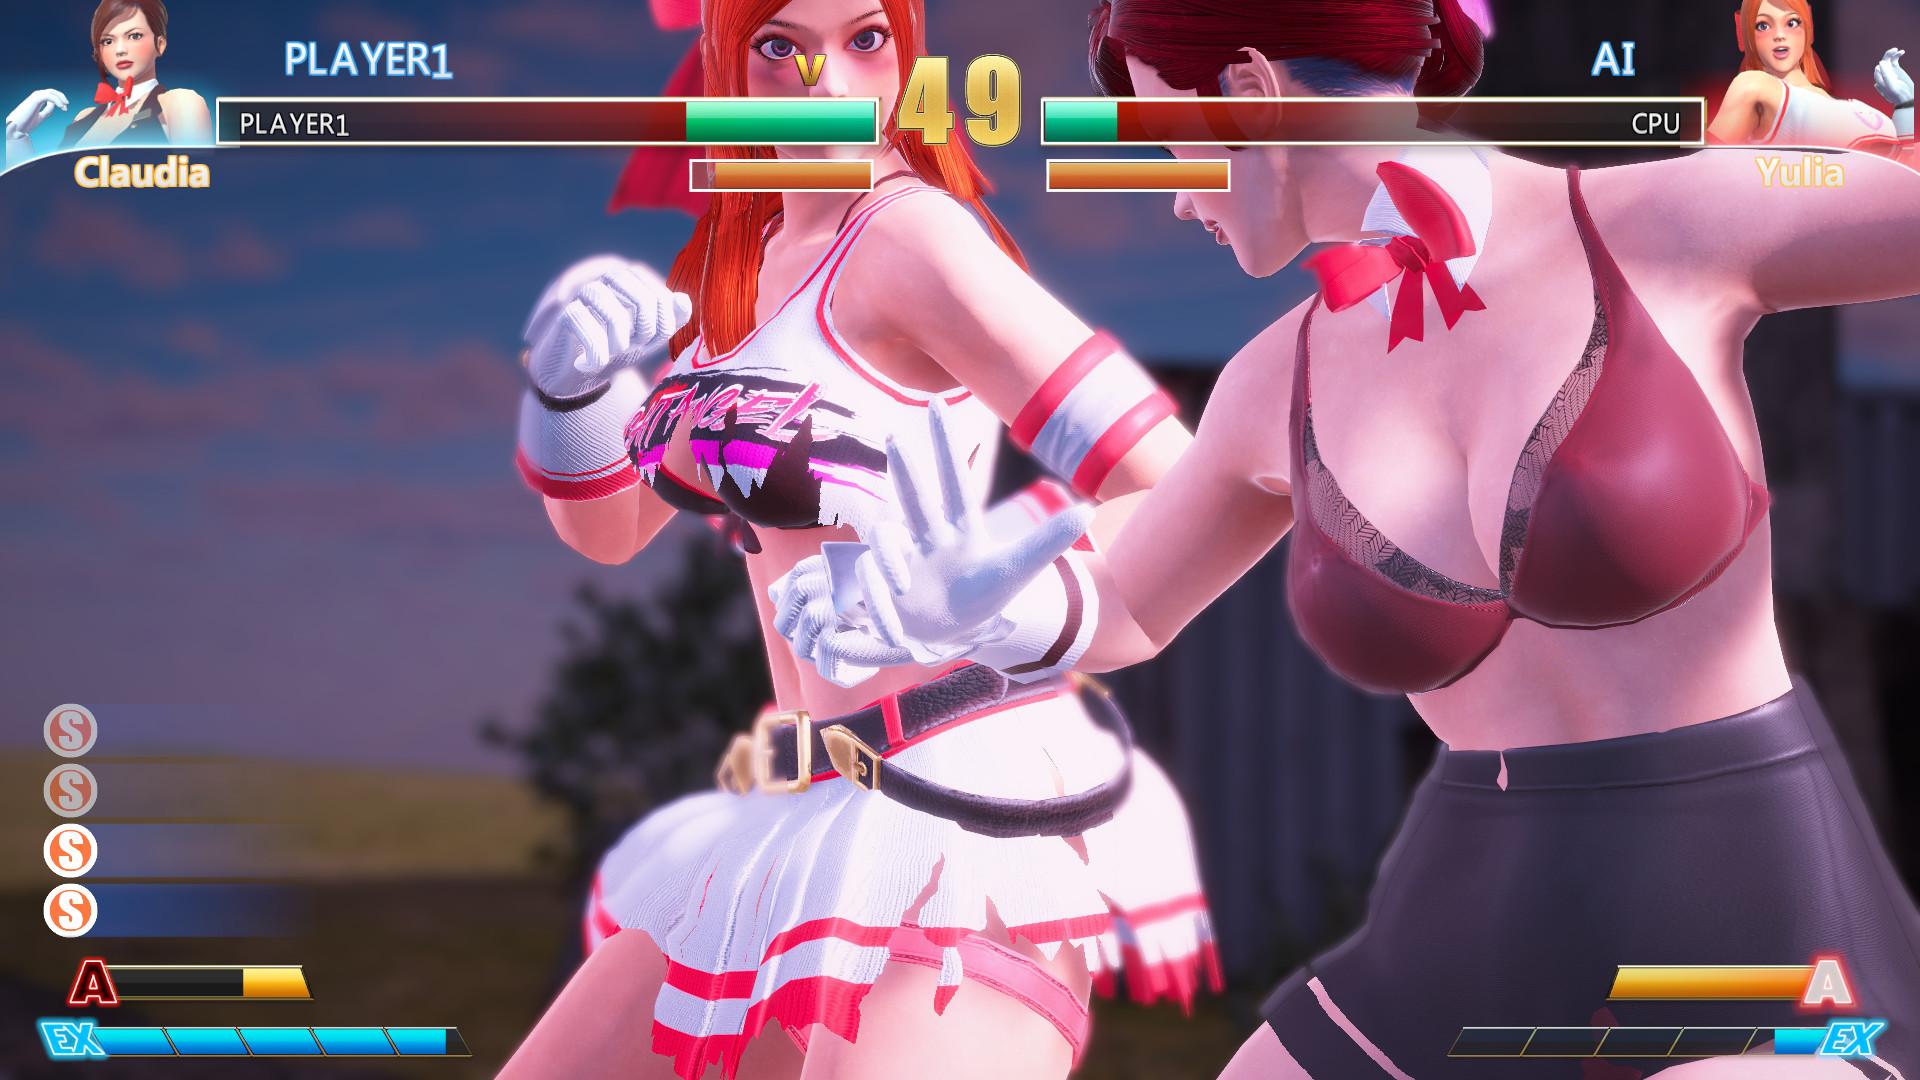 格斗天使 FightAngel 0.9 中文版――小姐姐衣服会爆炸哦!